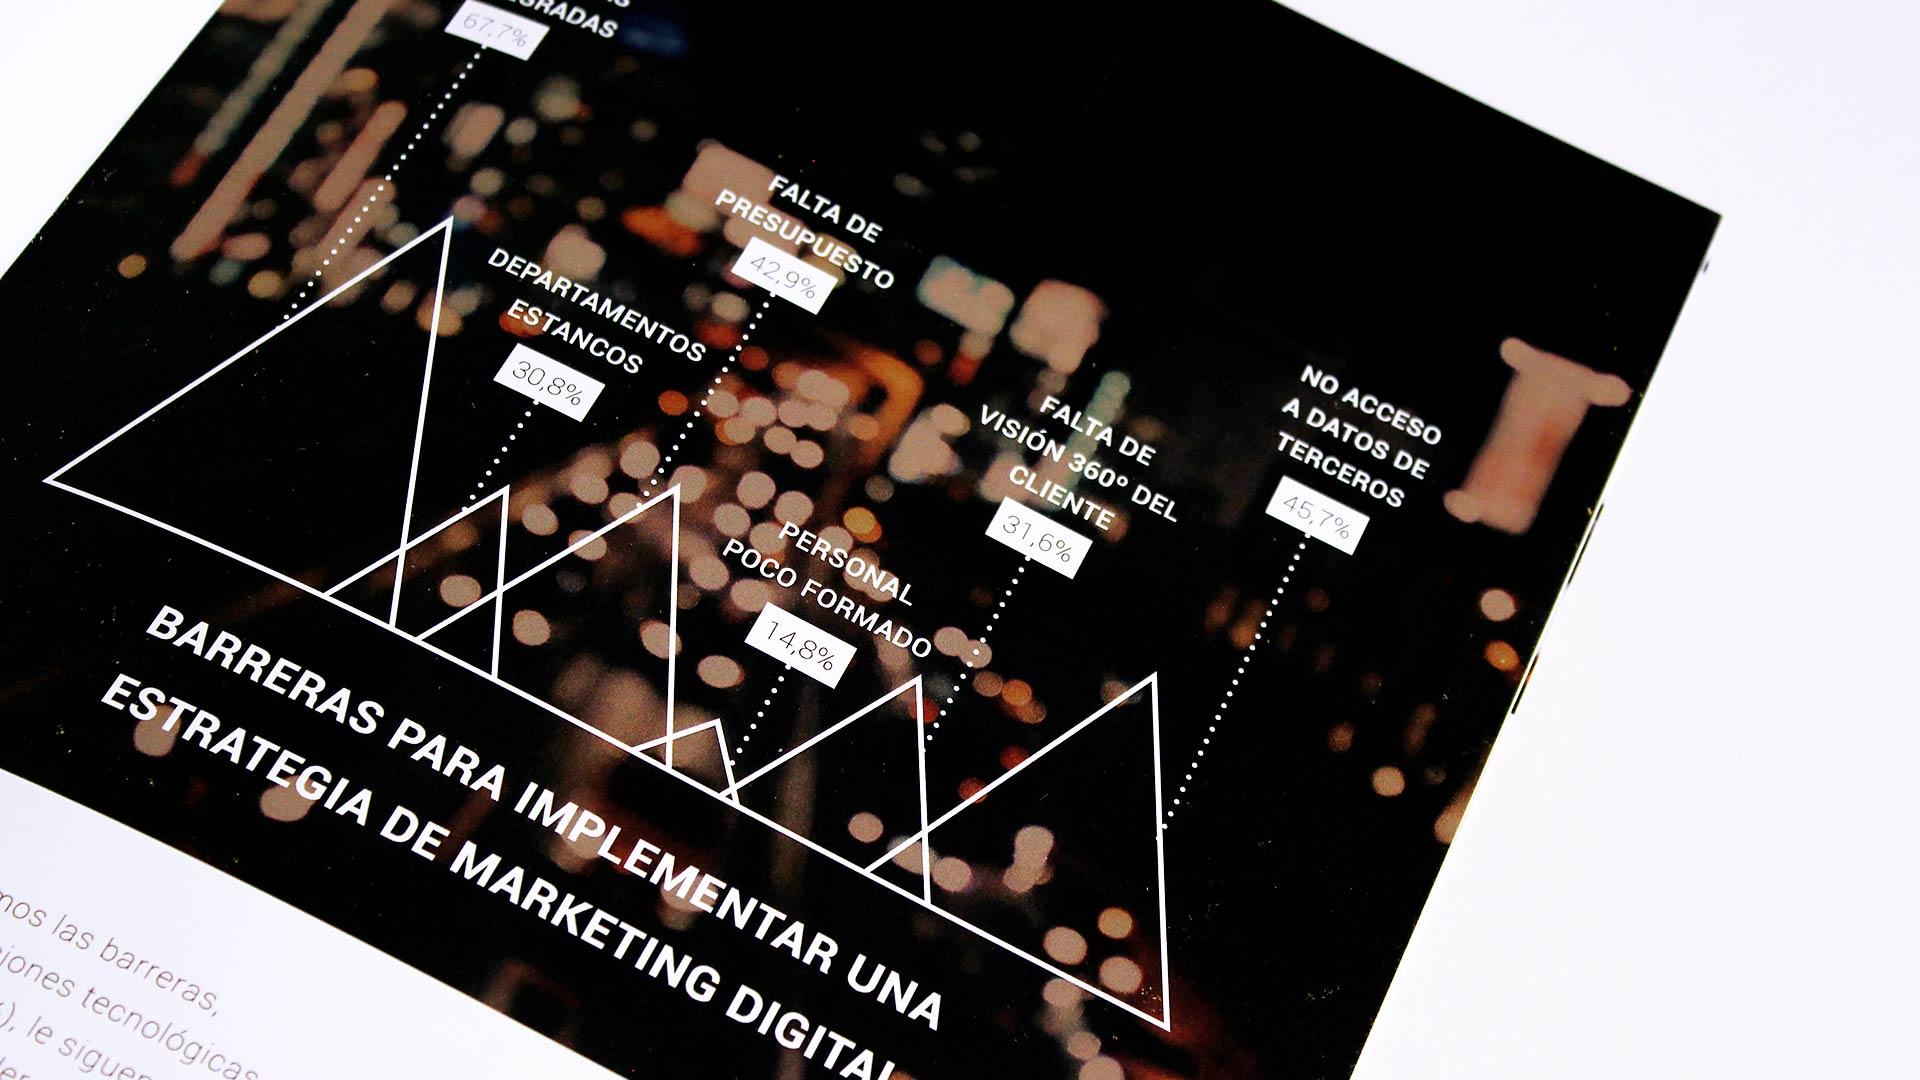 oracle-informe-ebook-content-marketing-evento-herramientas-experiencia-clienye-2016-15